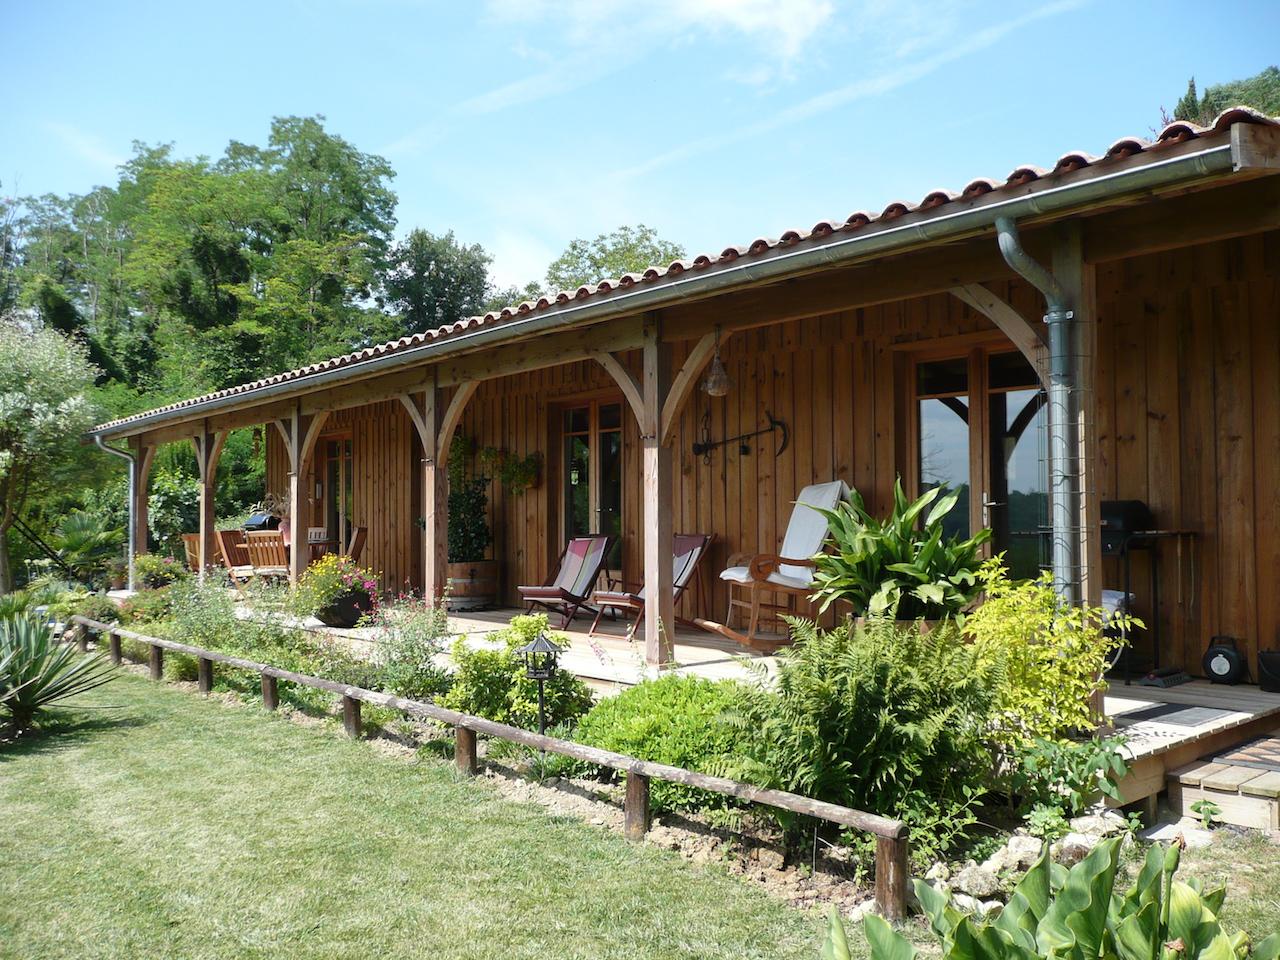 Bois Rétifié Prix M2 tarifs au m2 terrasses bois - sanitoit